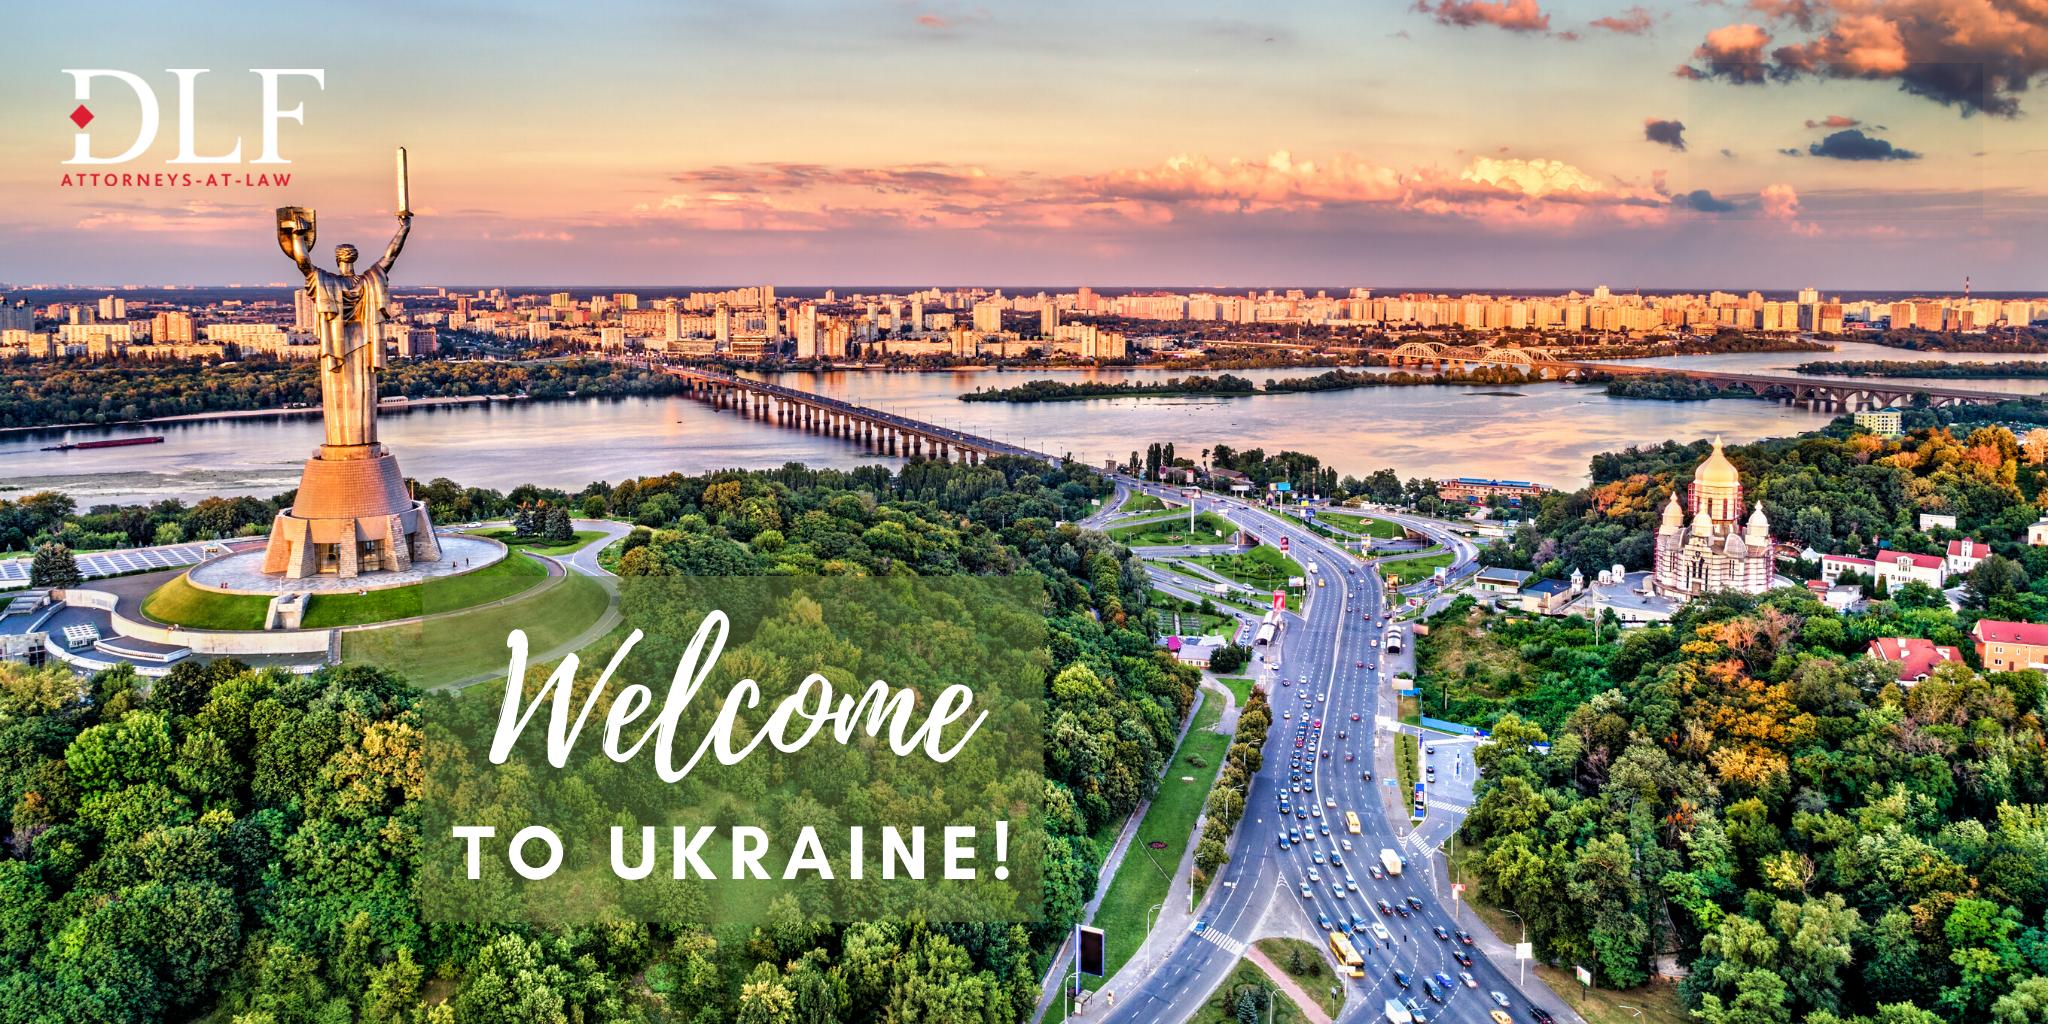 Ukrainer deutschland für arbeitserlaubnis 2020 in Arbeit und